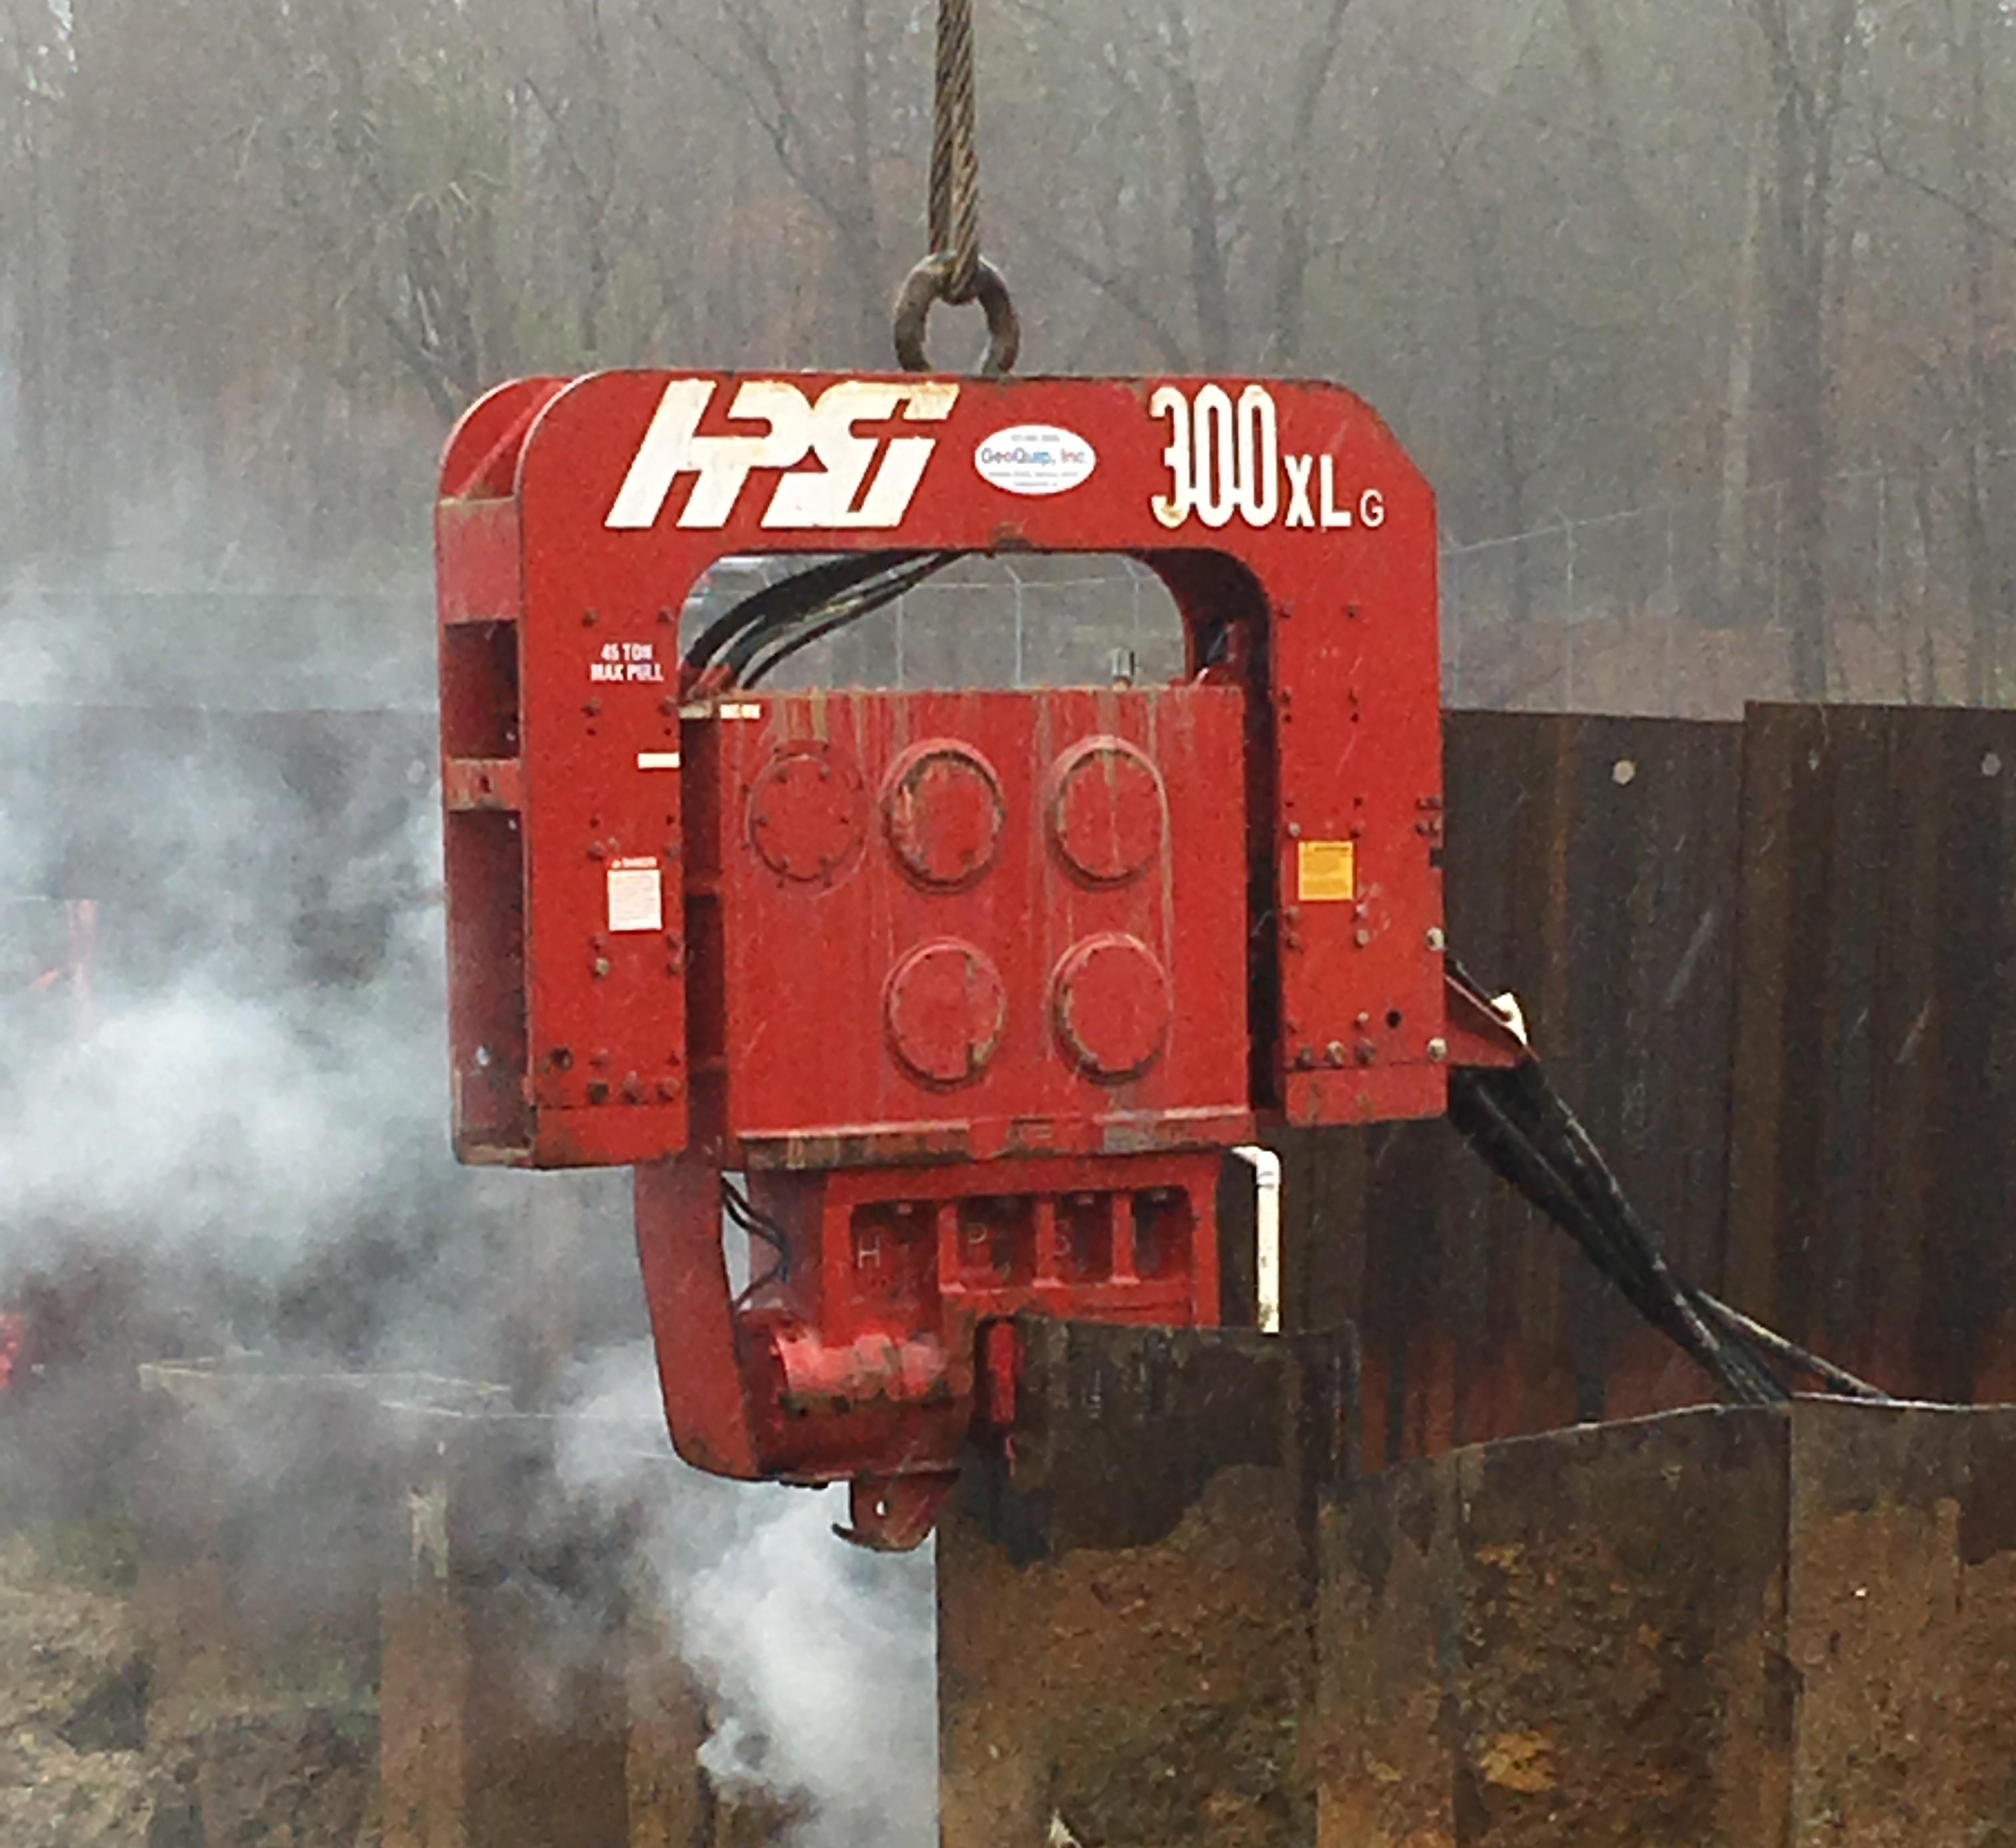 HPSI-300G-Conti-e1559665211634